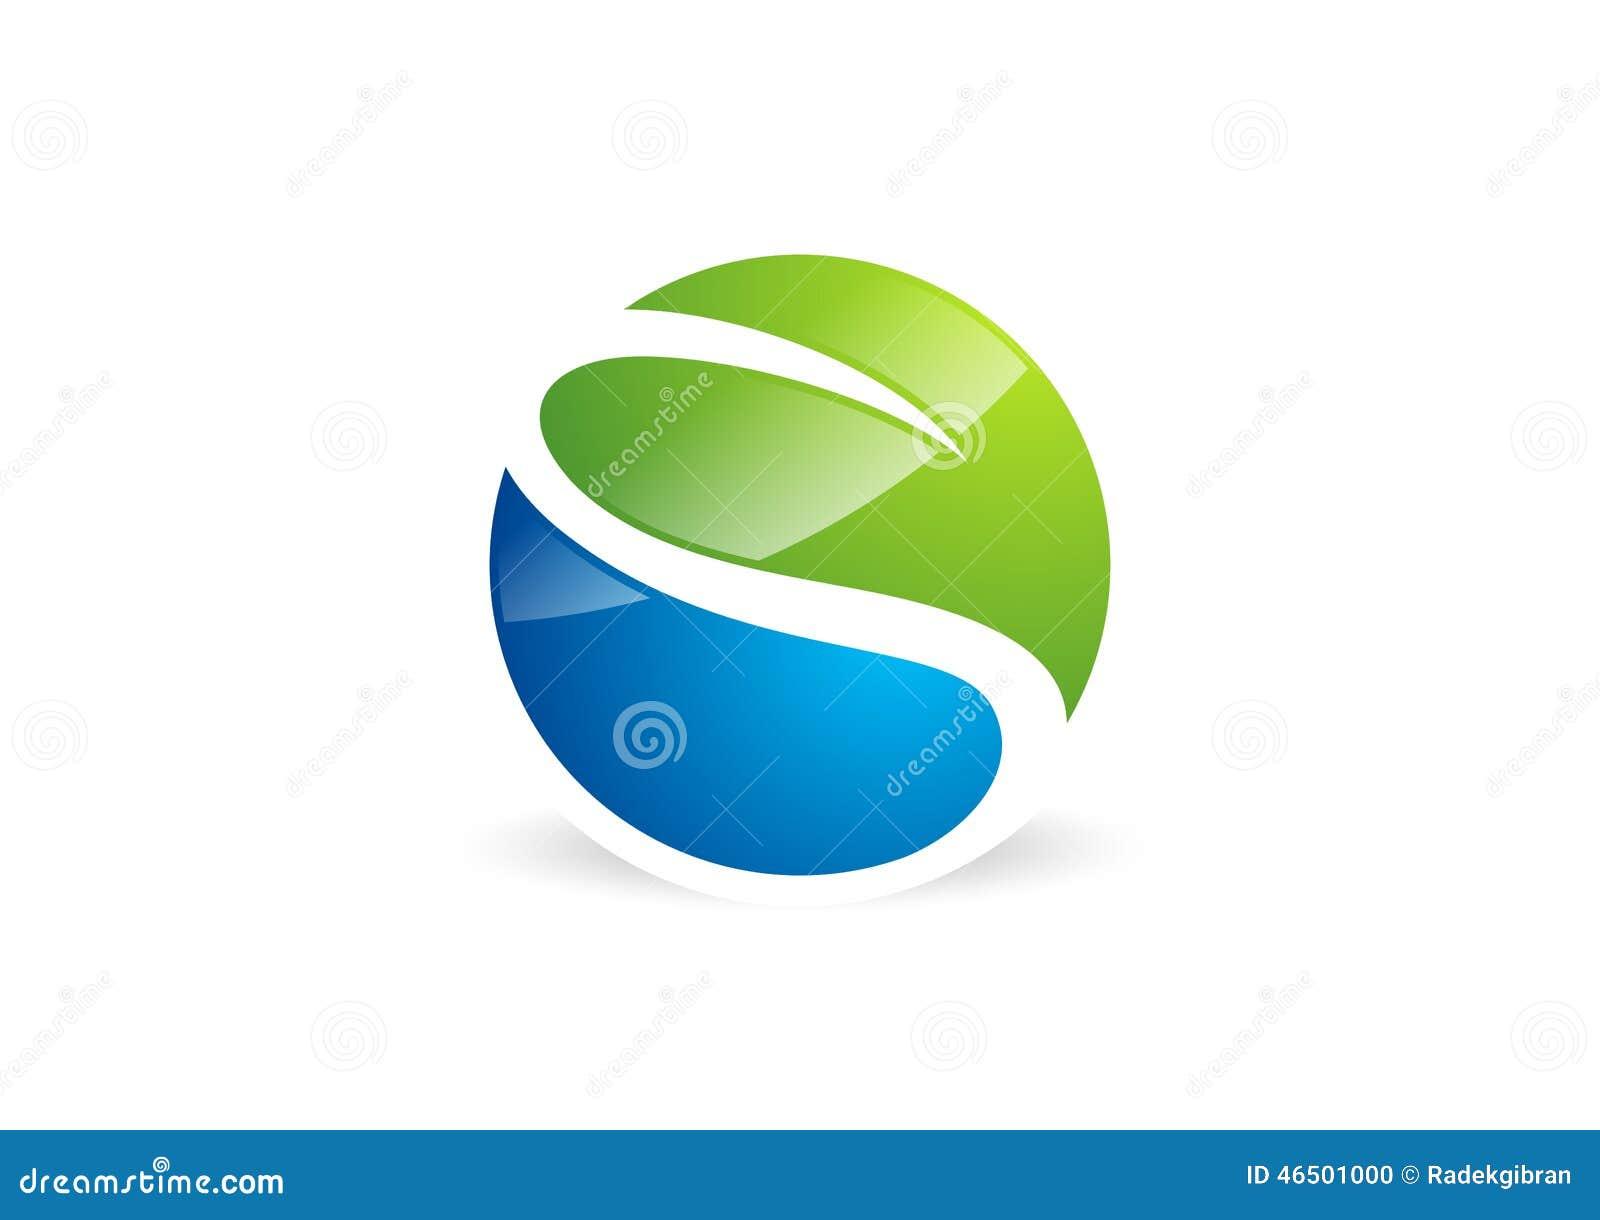 Waterdrop, feuille, logo, cercle, usine, ressort, symbole de paysage de nature, nature globale, icône de la lettre s